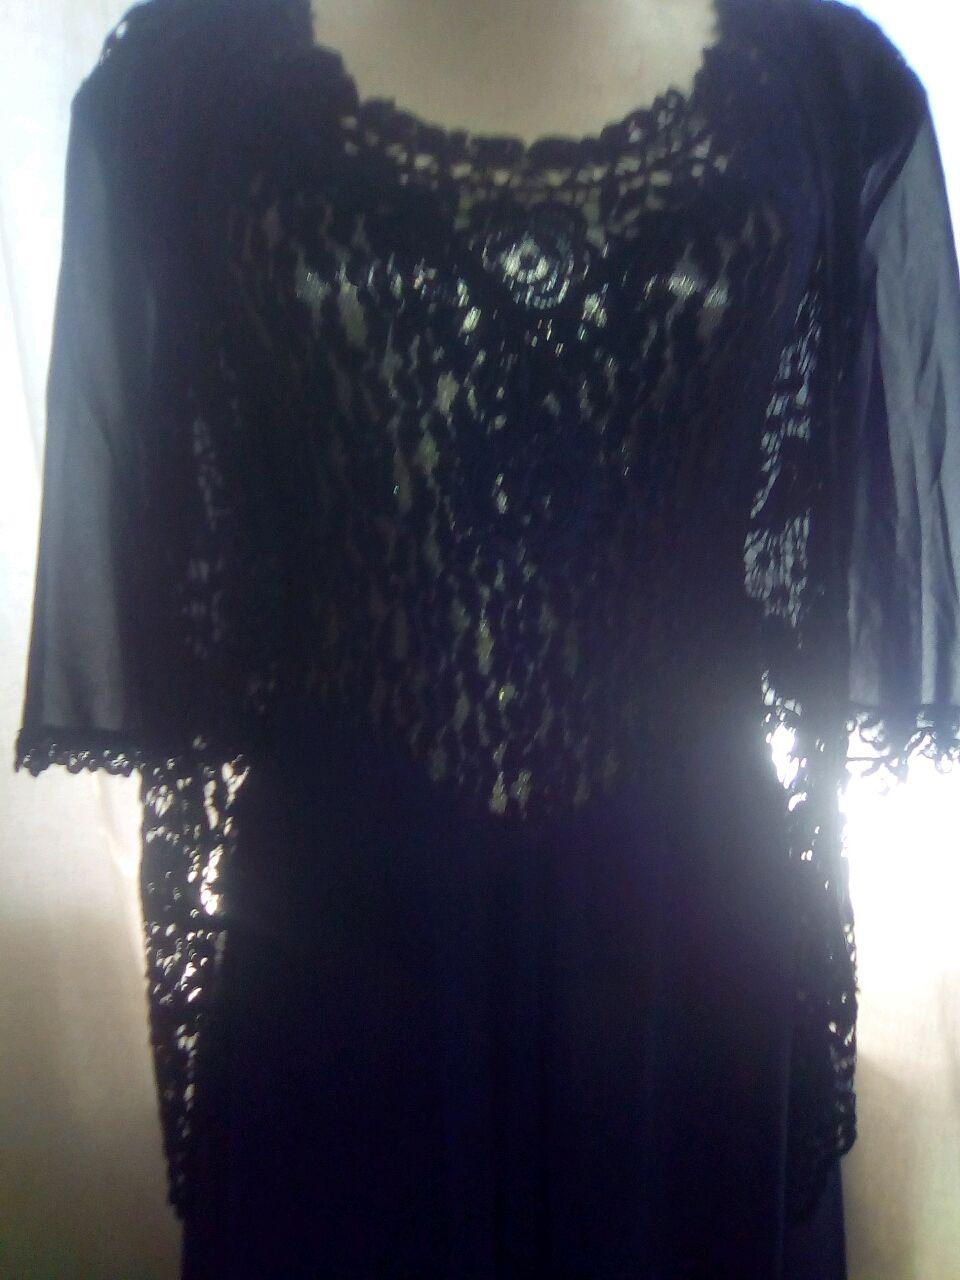 Винтаж: Платье винтажное,новое,шифоновое,тёмно-синее с натуральным гипюром, Одежда винтажная, Софрино,  Фото №1